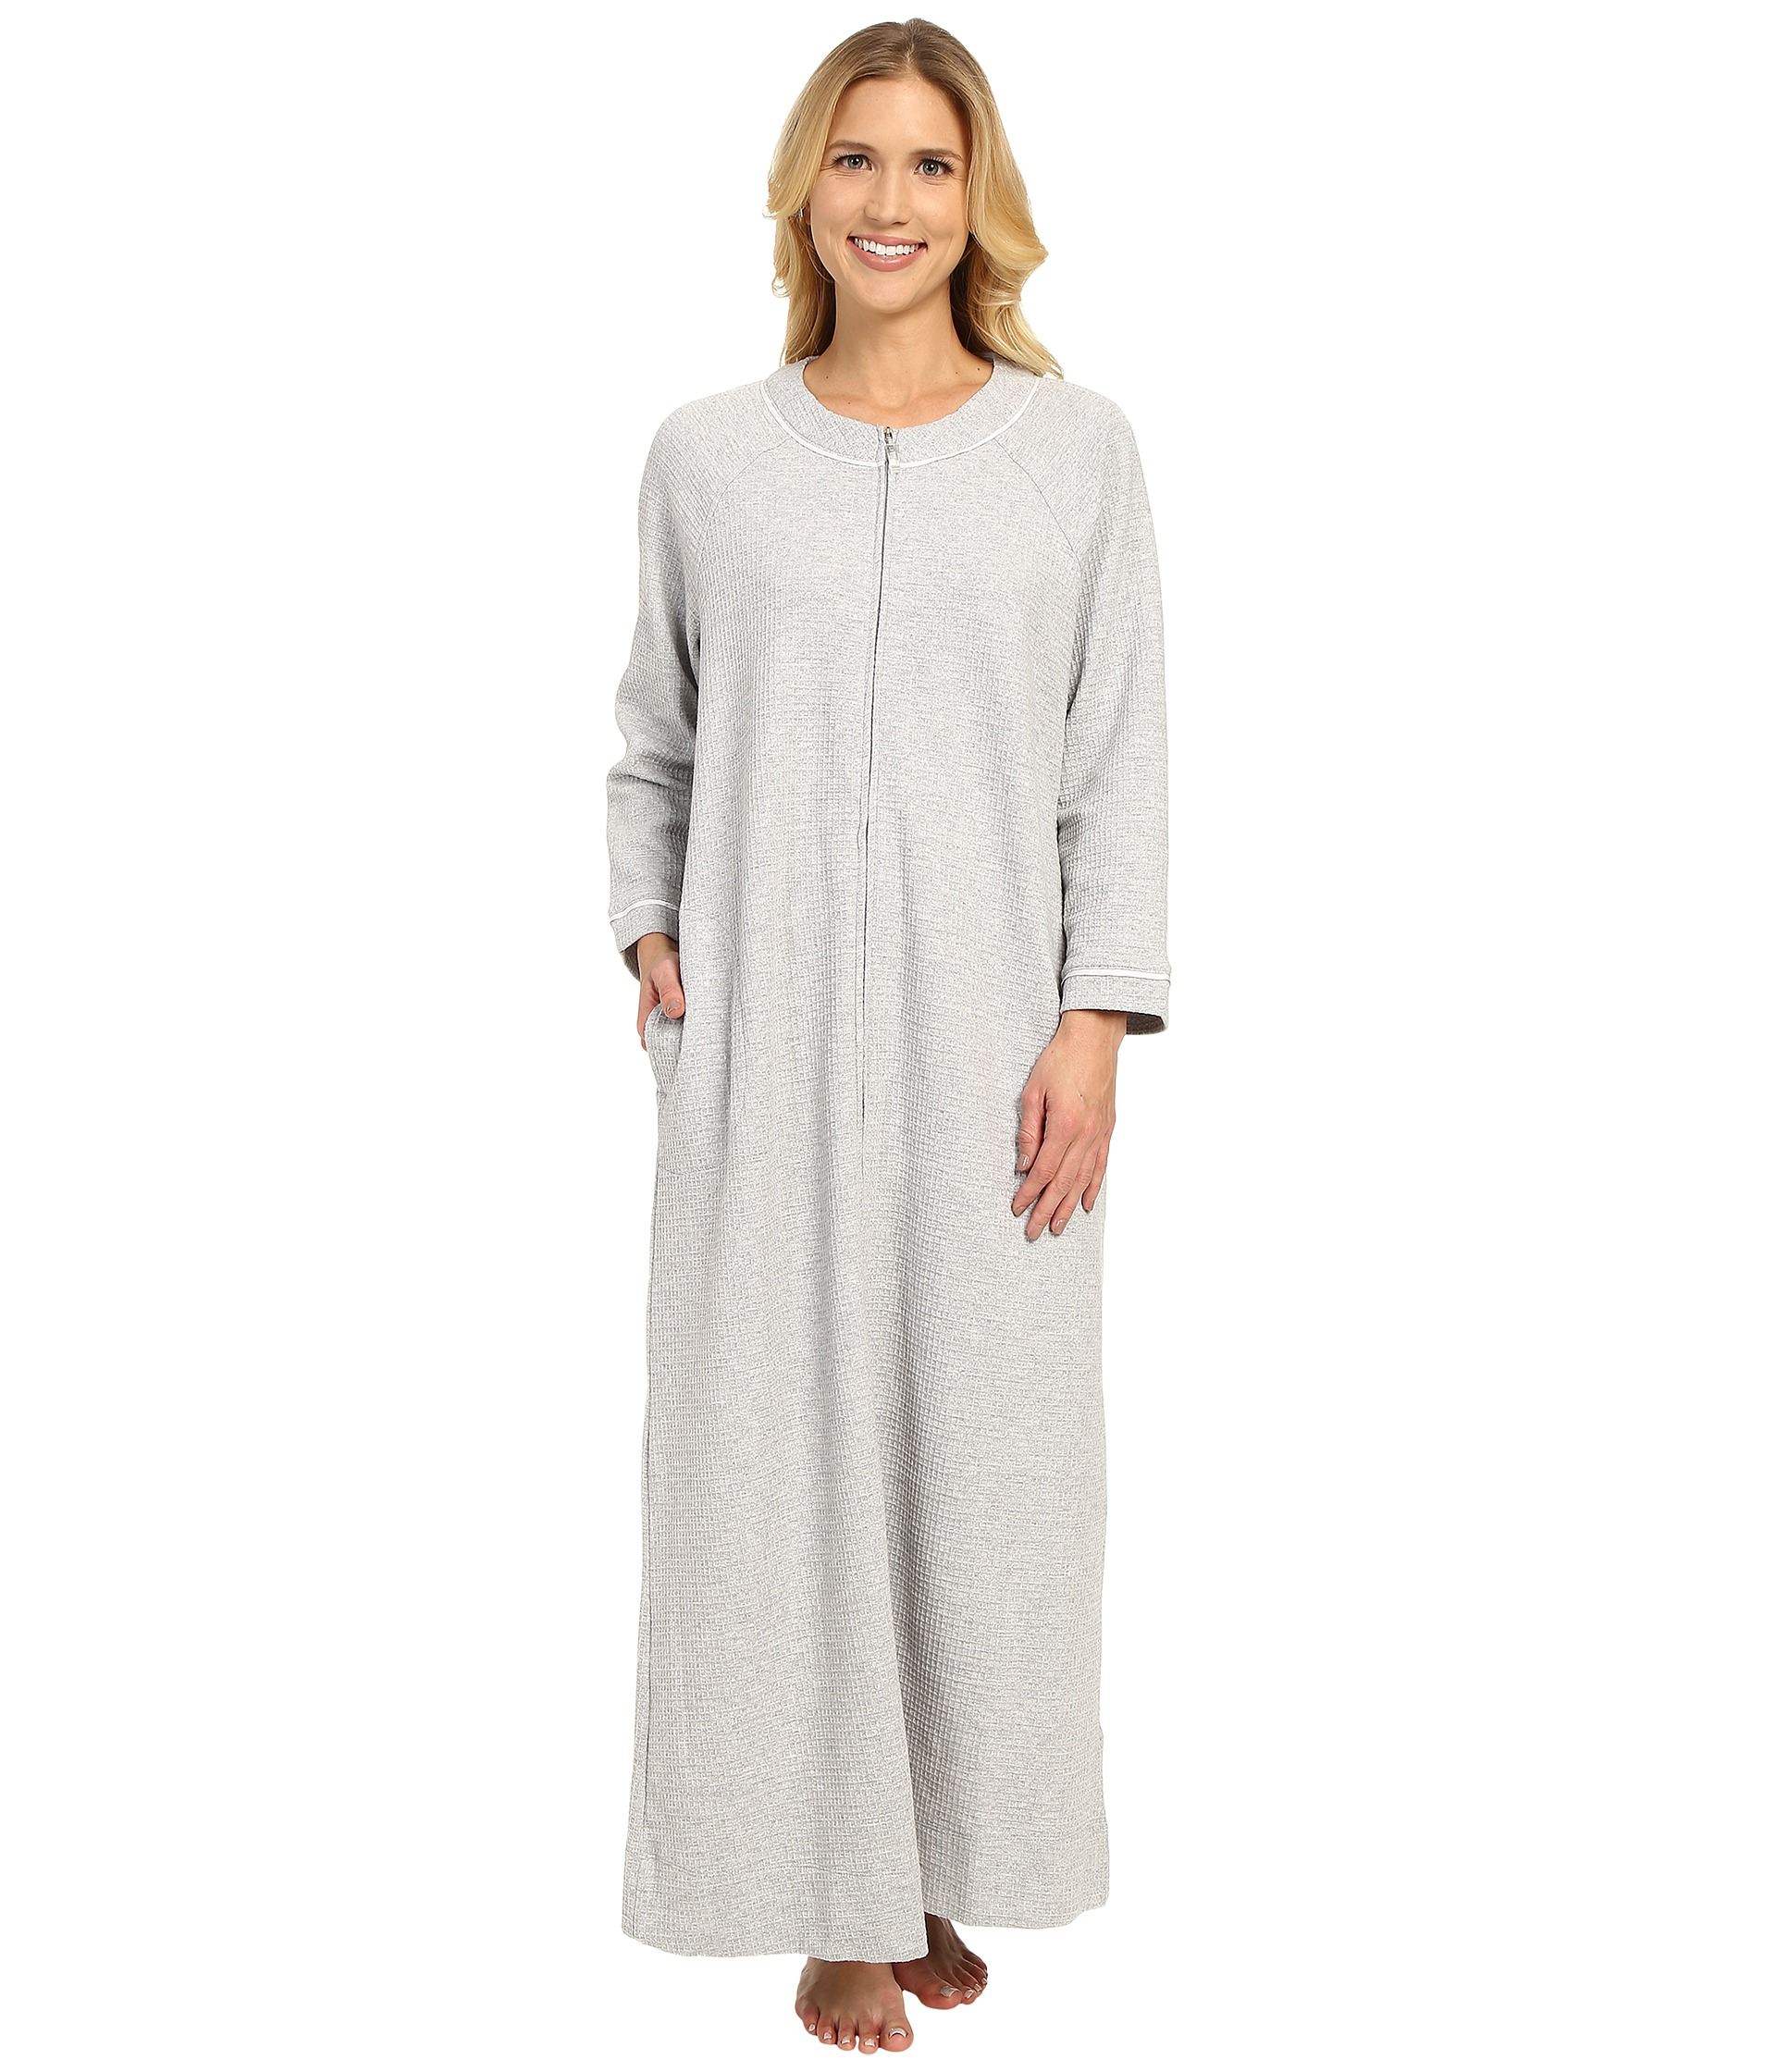 Lyst - Carole Hochman Waffle Knit Zip Robe in Gray